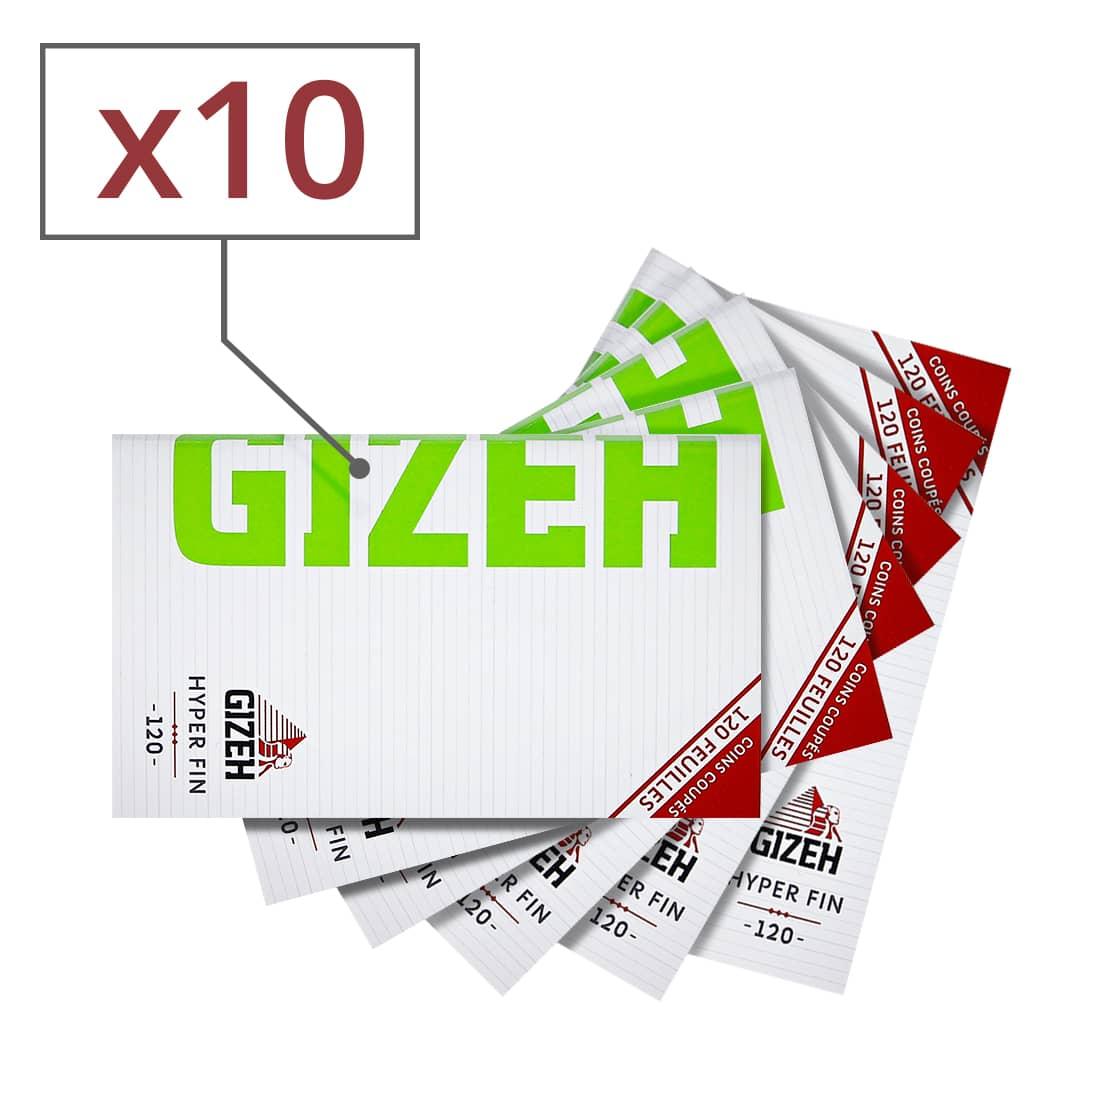 Photo de Papier à rouler Gizeh Hyper Fin x 10